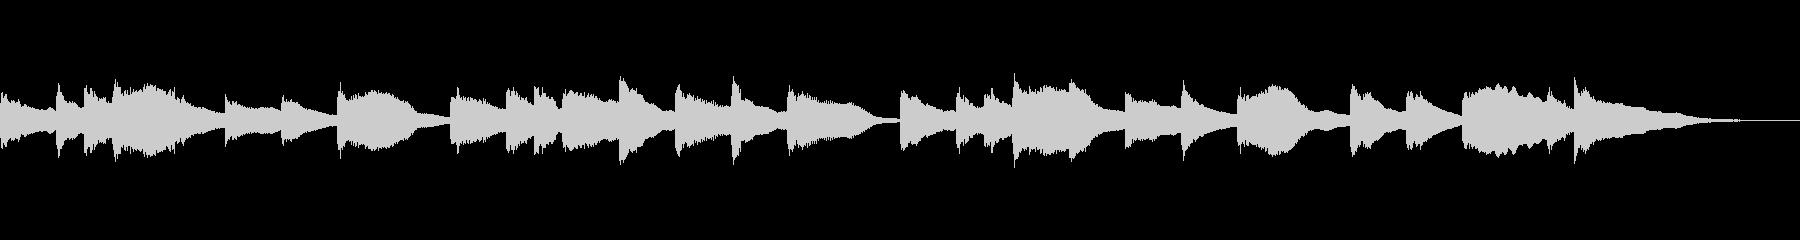 ほのぼのかわいい短い曲の未再生の波形